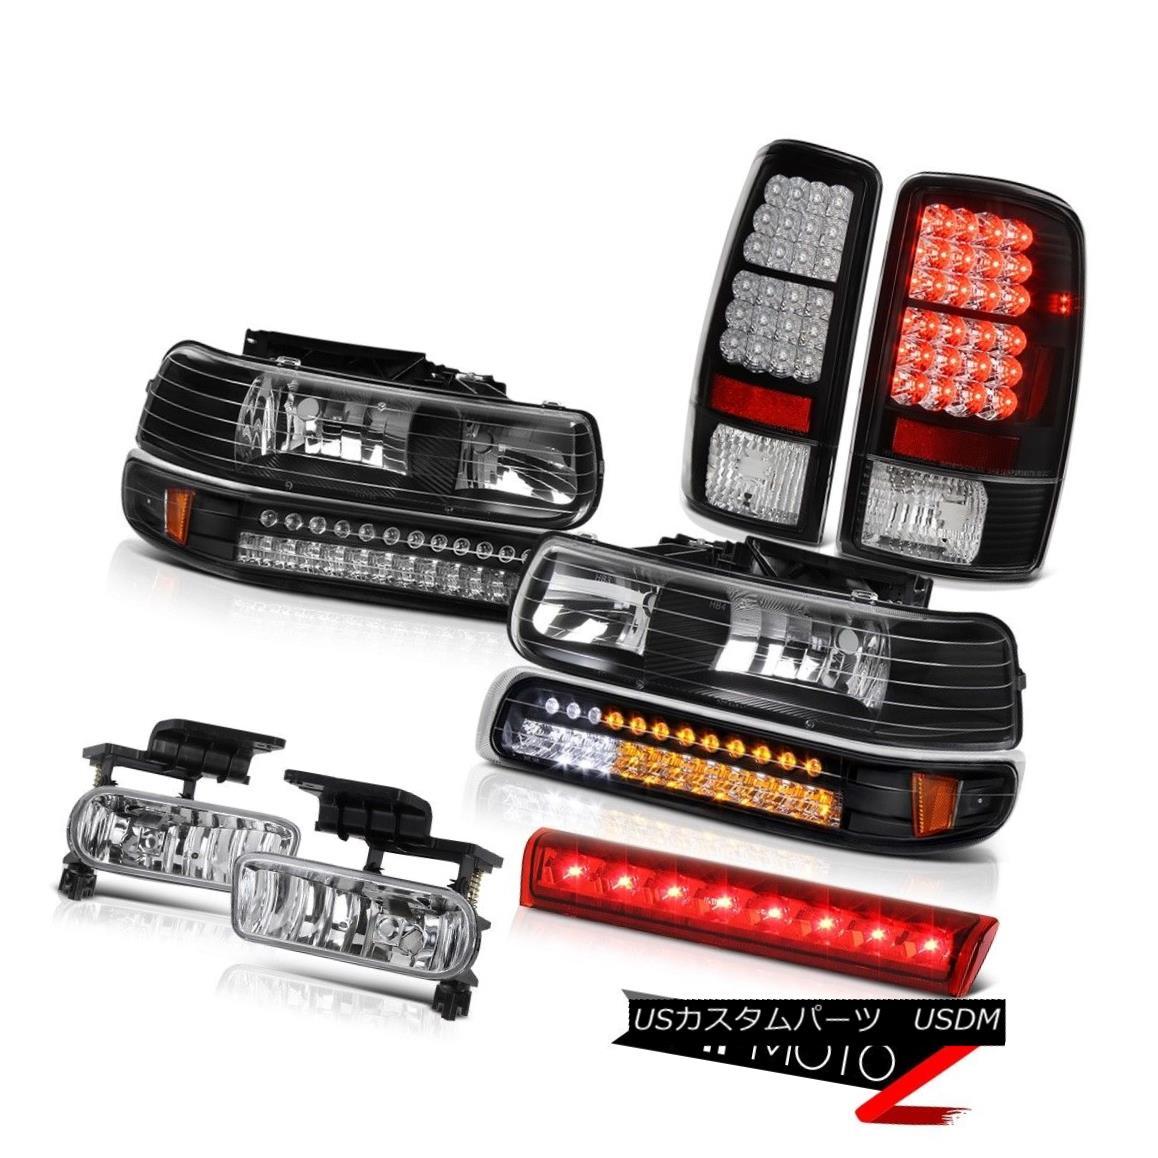 テールライト 00-06 Chevy Tahoe 4X4 Bloody red 3rd brake light fog lamps tail Headlights LED 00-06シボレー・タホ4X4ブラッディ・レッド第3ブレーキ・ライト・フォグ・ランプ・テールヘッドライトLED